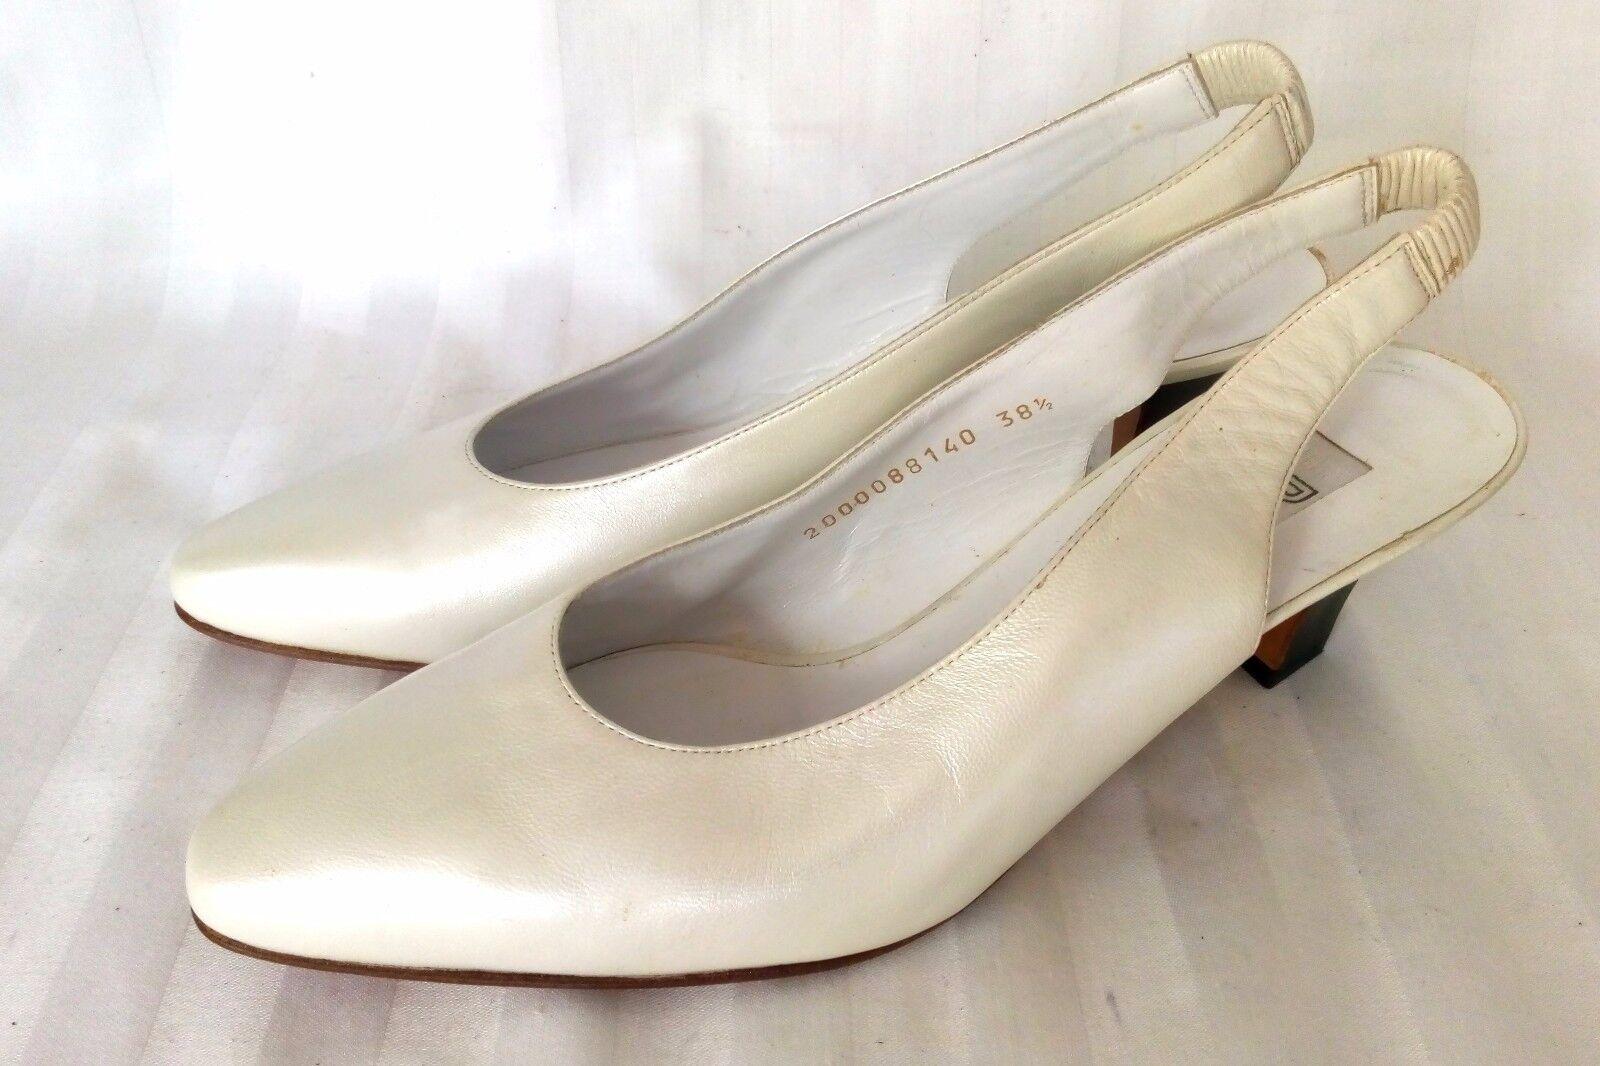 Baldinini Kitten heels pumps zapatos de de de novia Zapatos señora perlmutterColorn talla 38,5  liquidación hasta el 70%